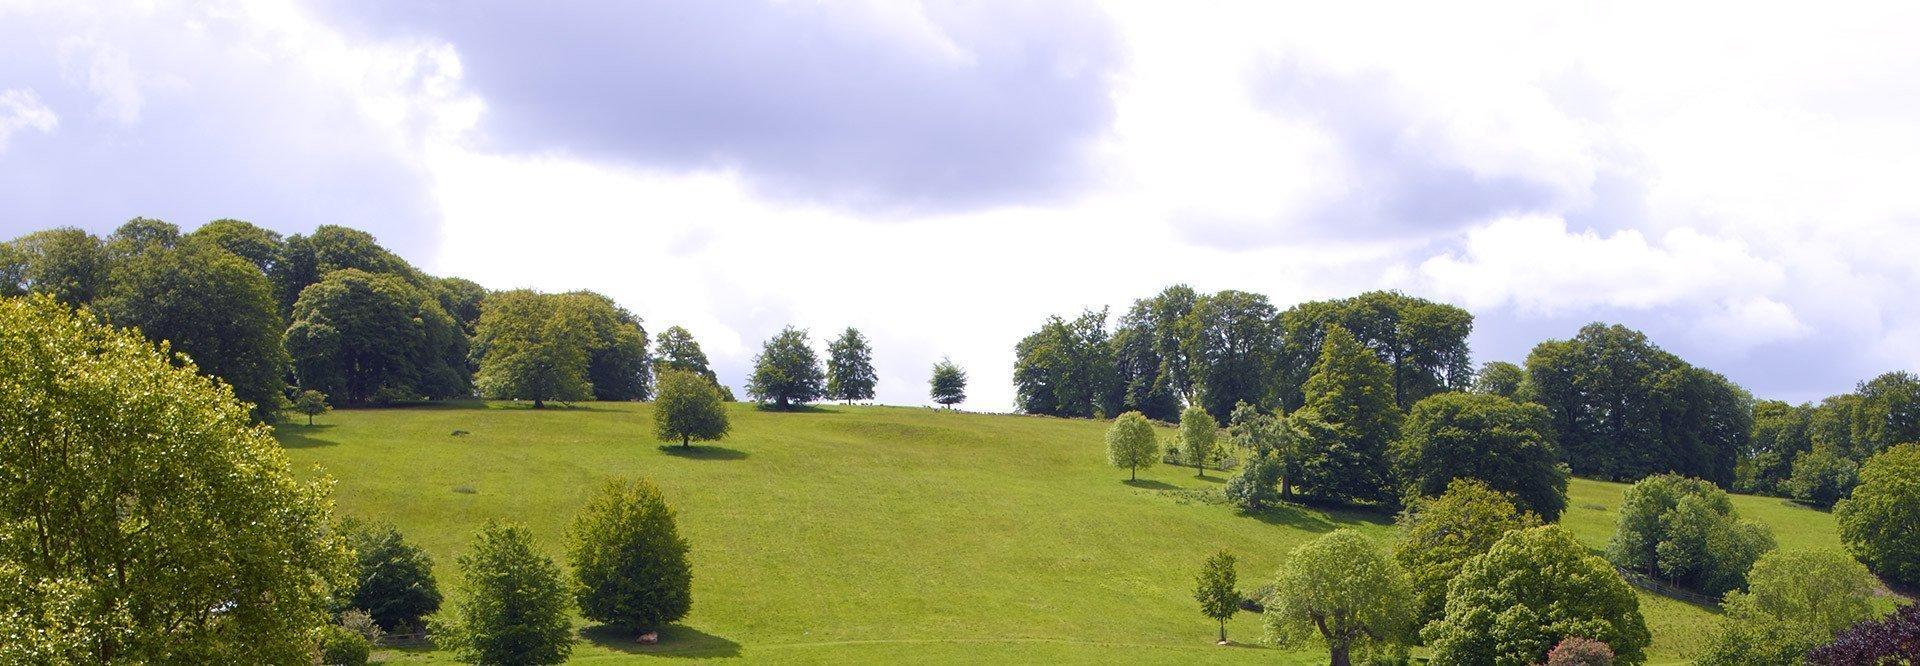 Stonor Park Oxfordshire - Parkland